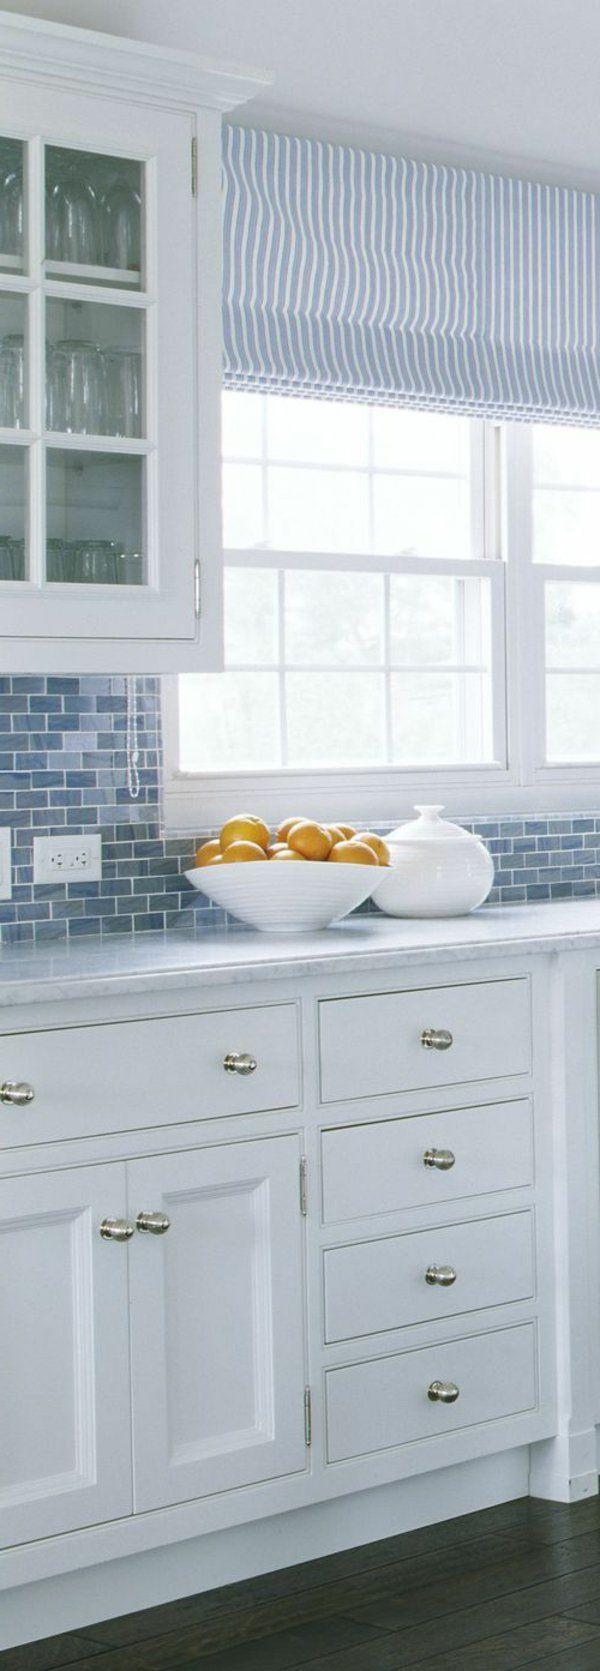 Full Size of Küchen Raffrollo Fr Kche Eine Praktische Dekoration Fenster Regal Küche Wohnzimmer Küchen Raffrollo